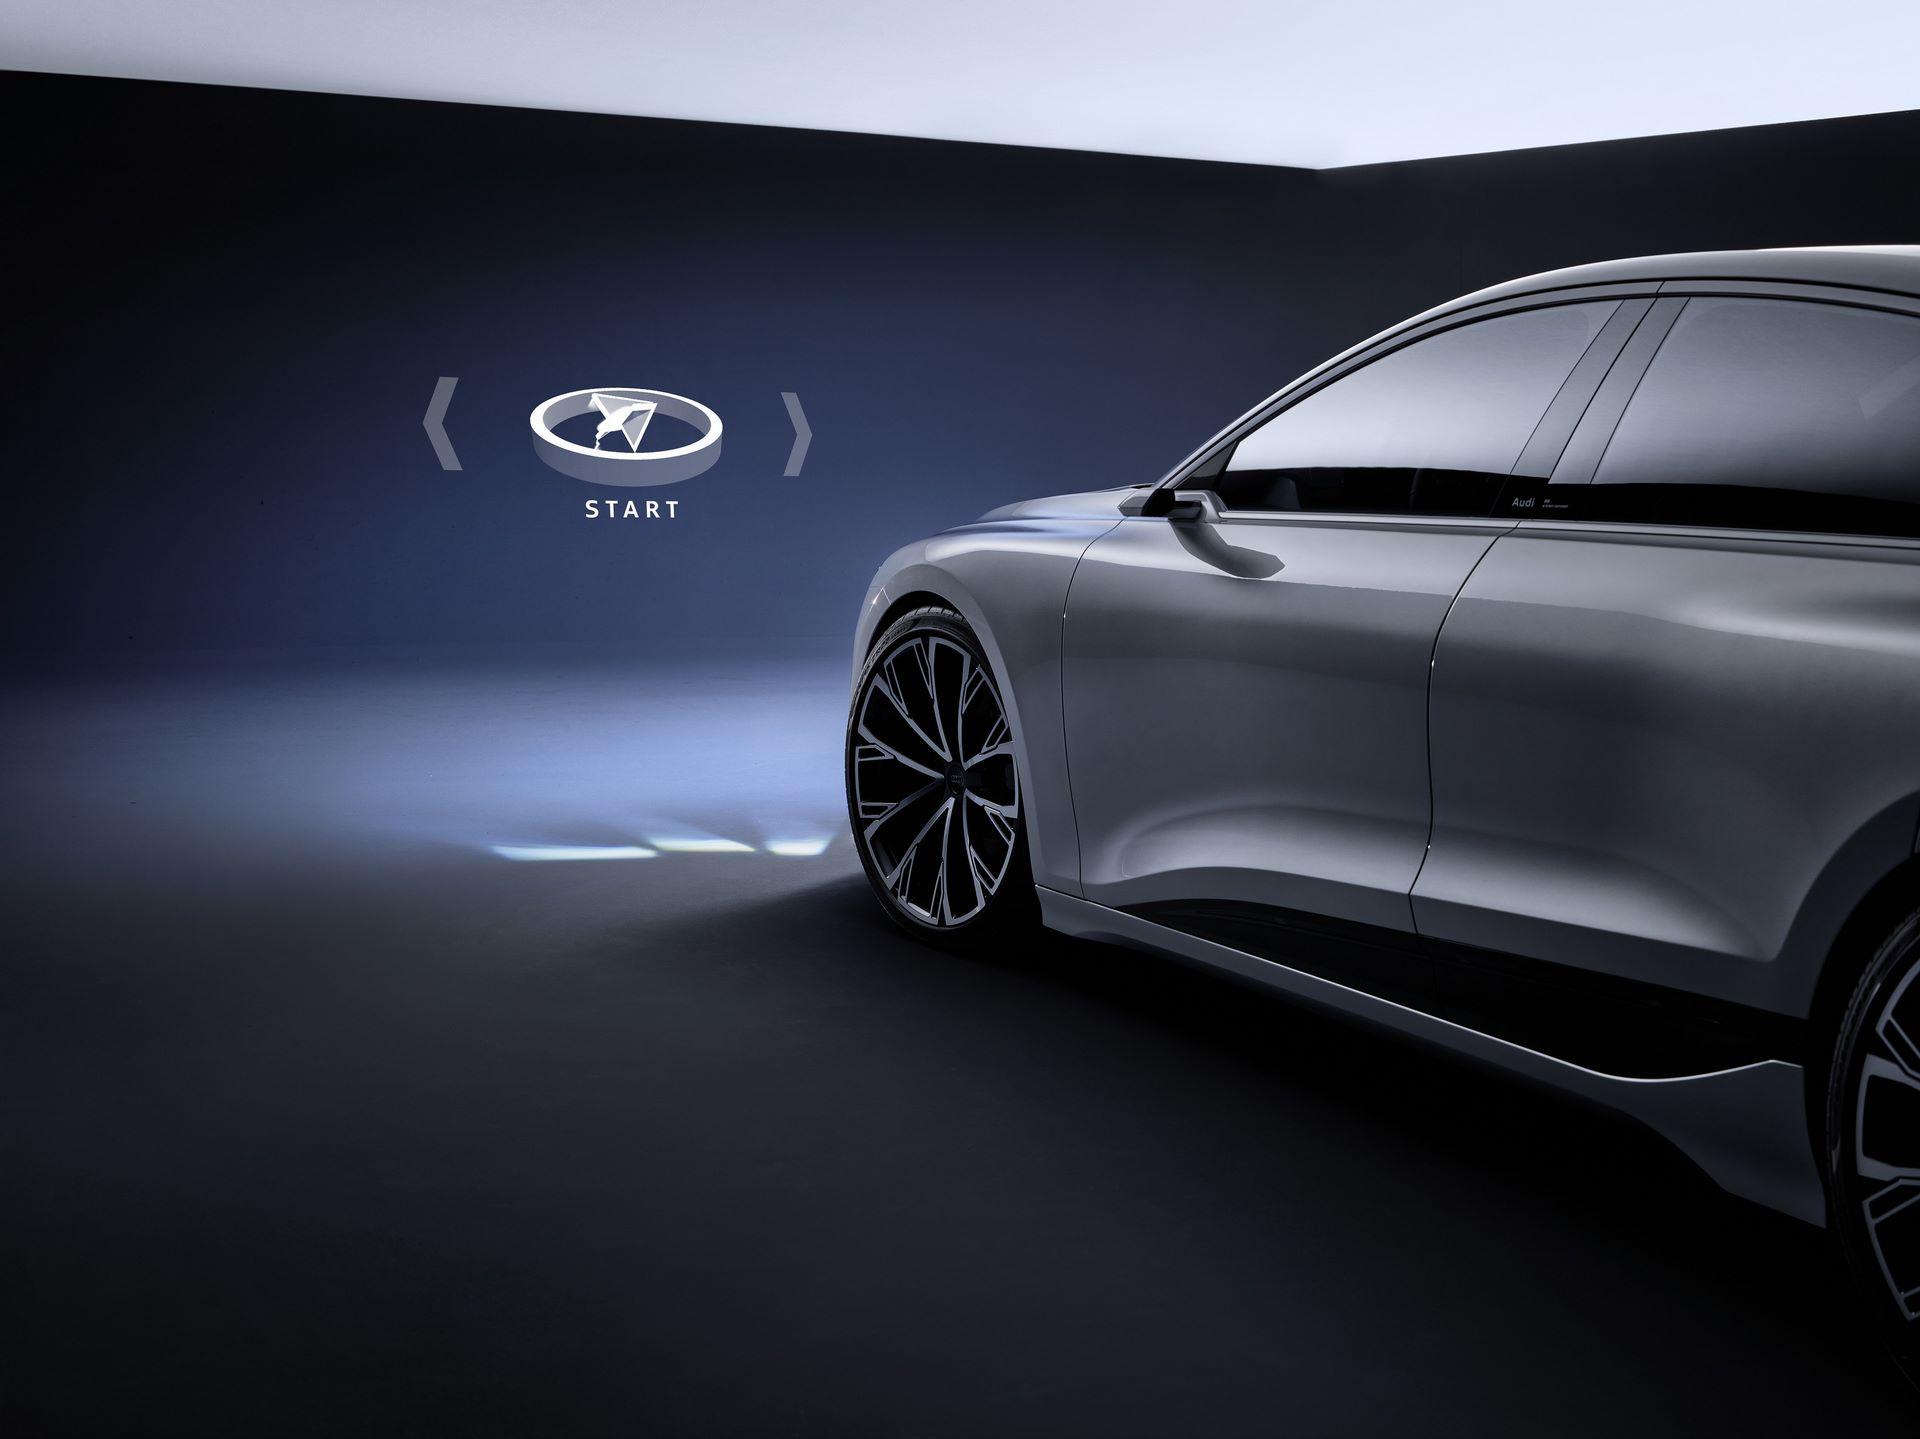 Audi-A6-e-tron-concept-56